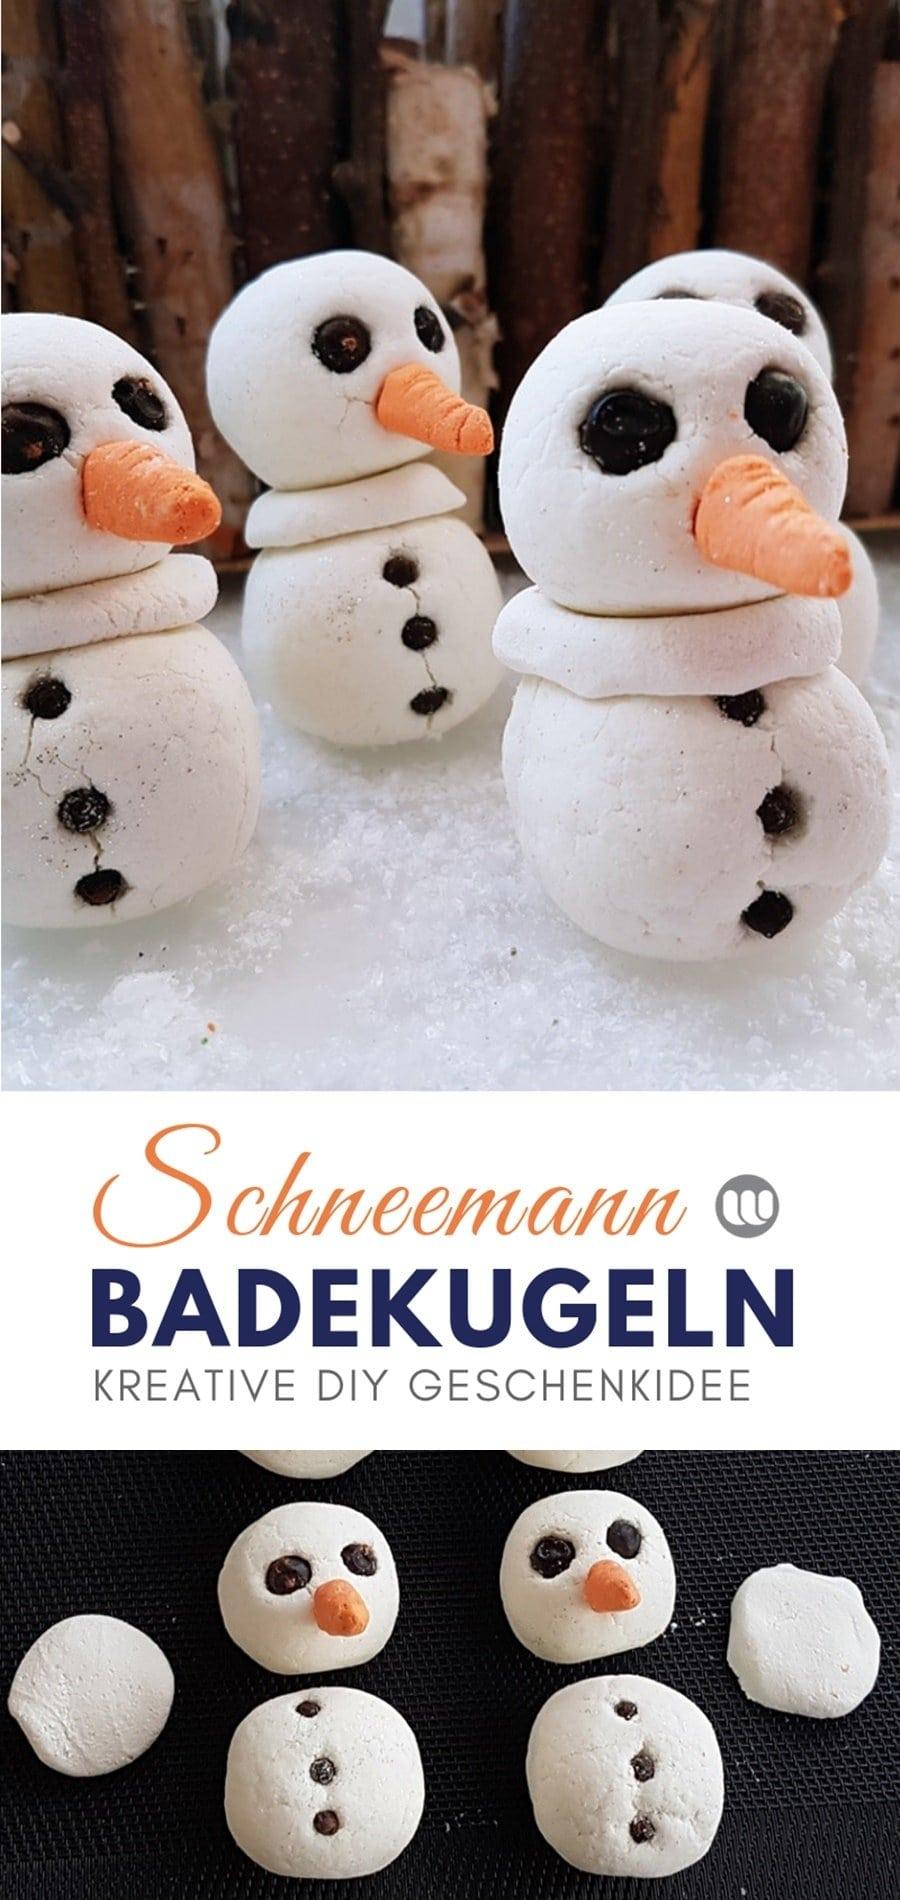 Schneemann Badekugel wie von Lush ganz einfach selber machen. Snowman Badebombe Rezept & Anleitung.